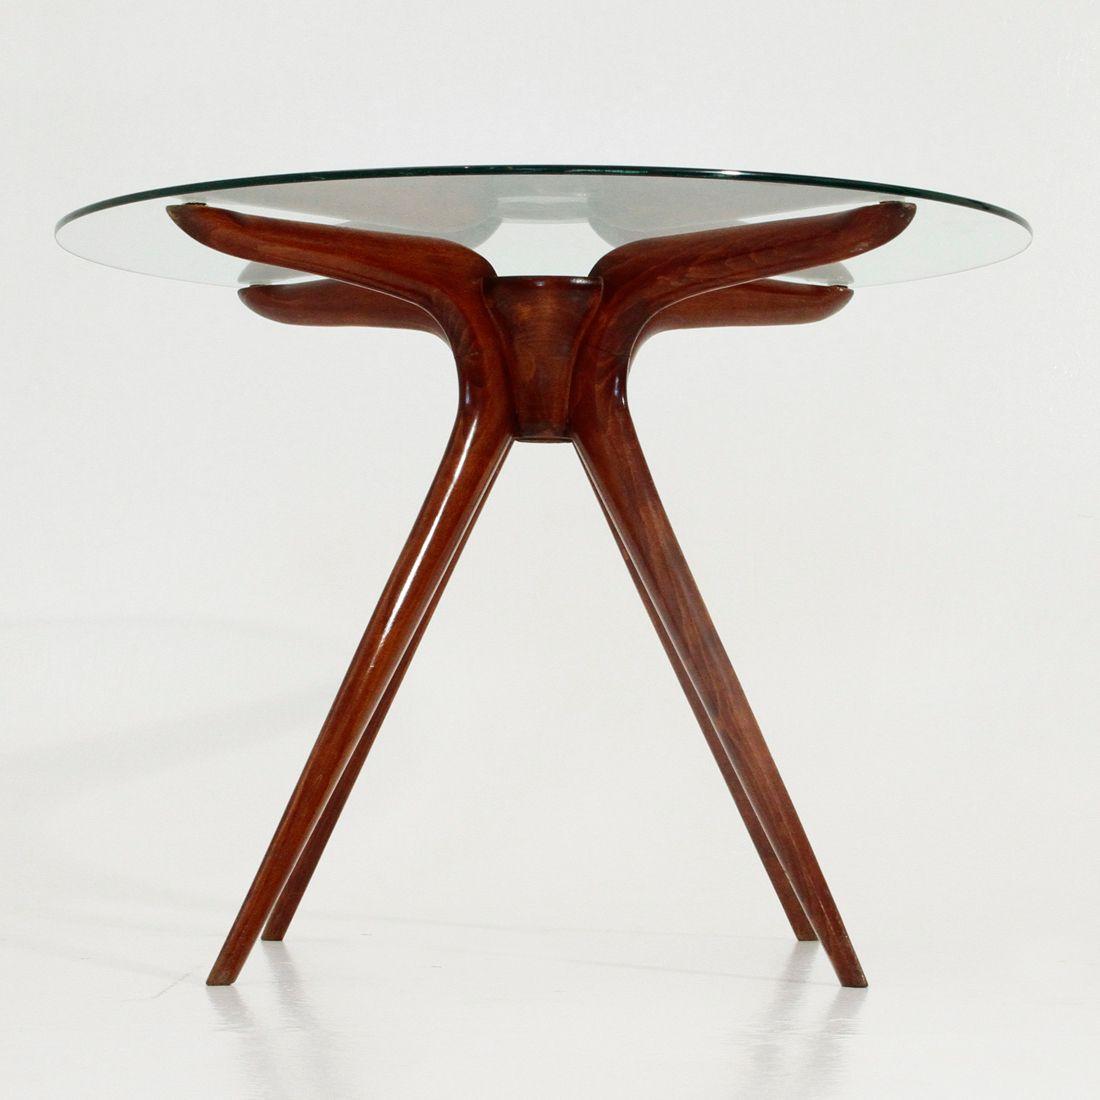 italienischer couchtisch aus holz und glas 1950er bei pamono kaufen. Black Bedroom Furniture Sets. Home Design Ideas